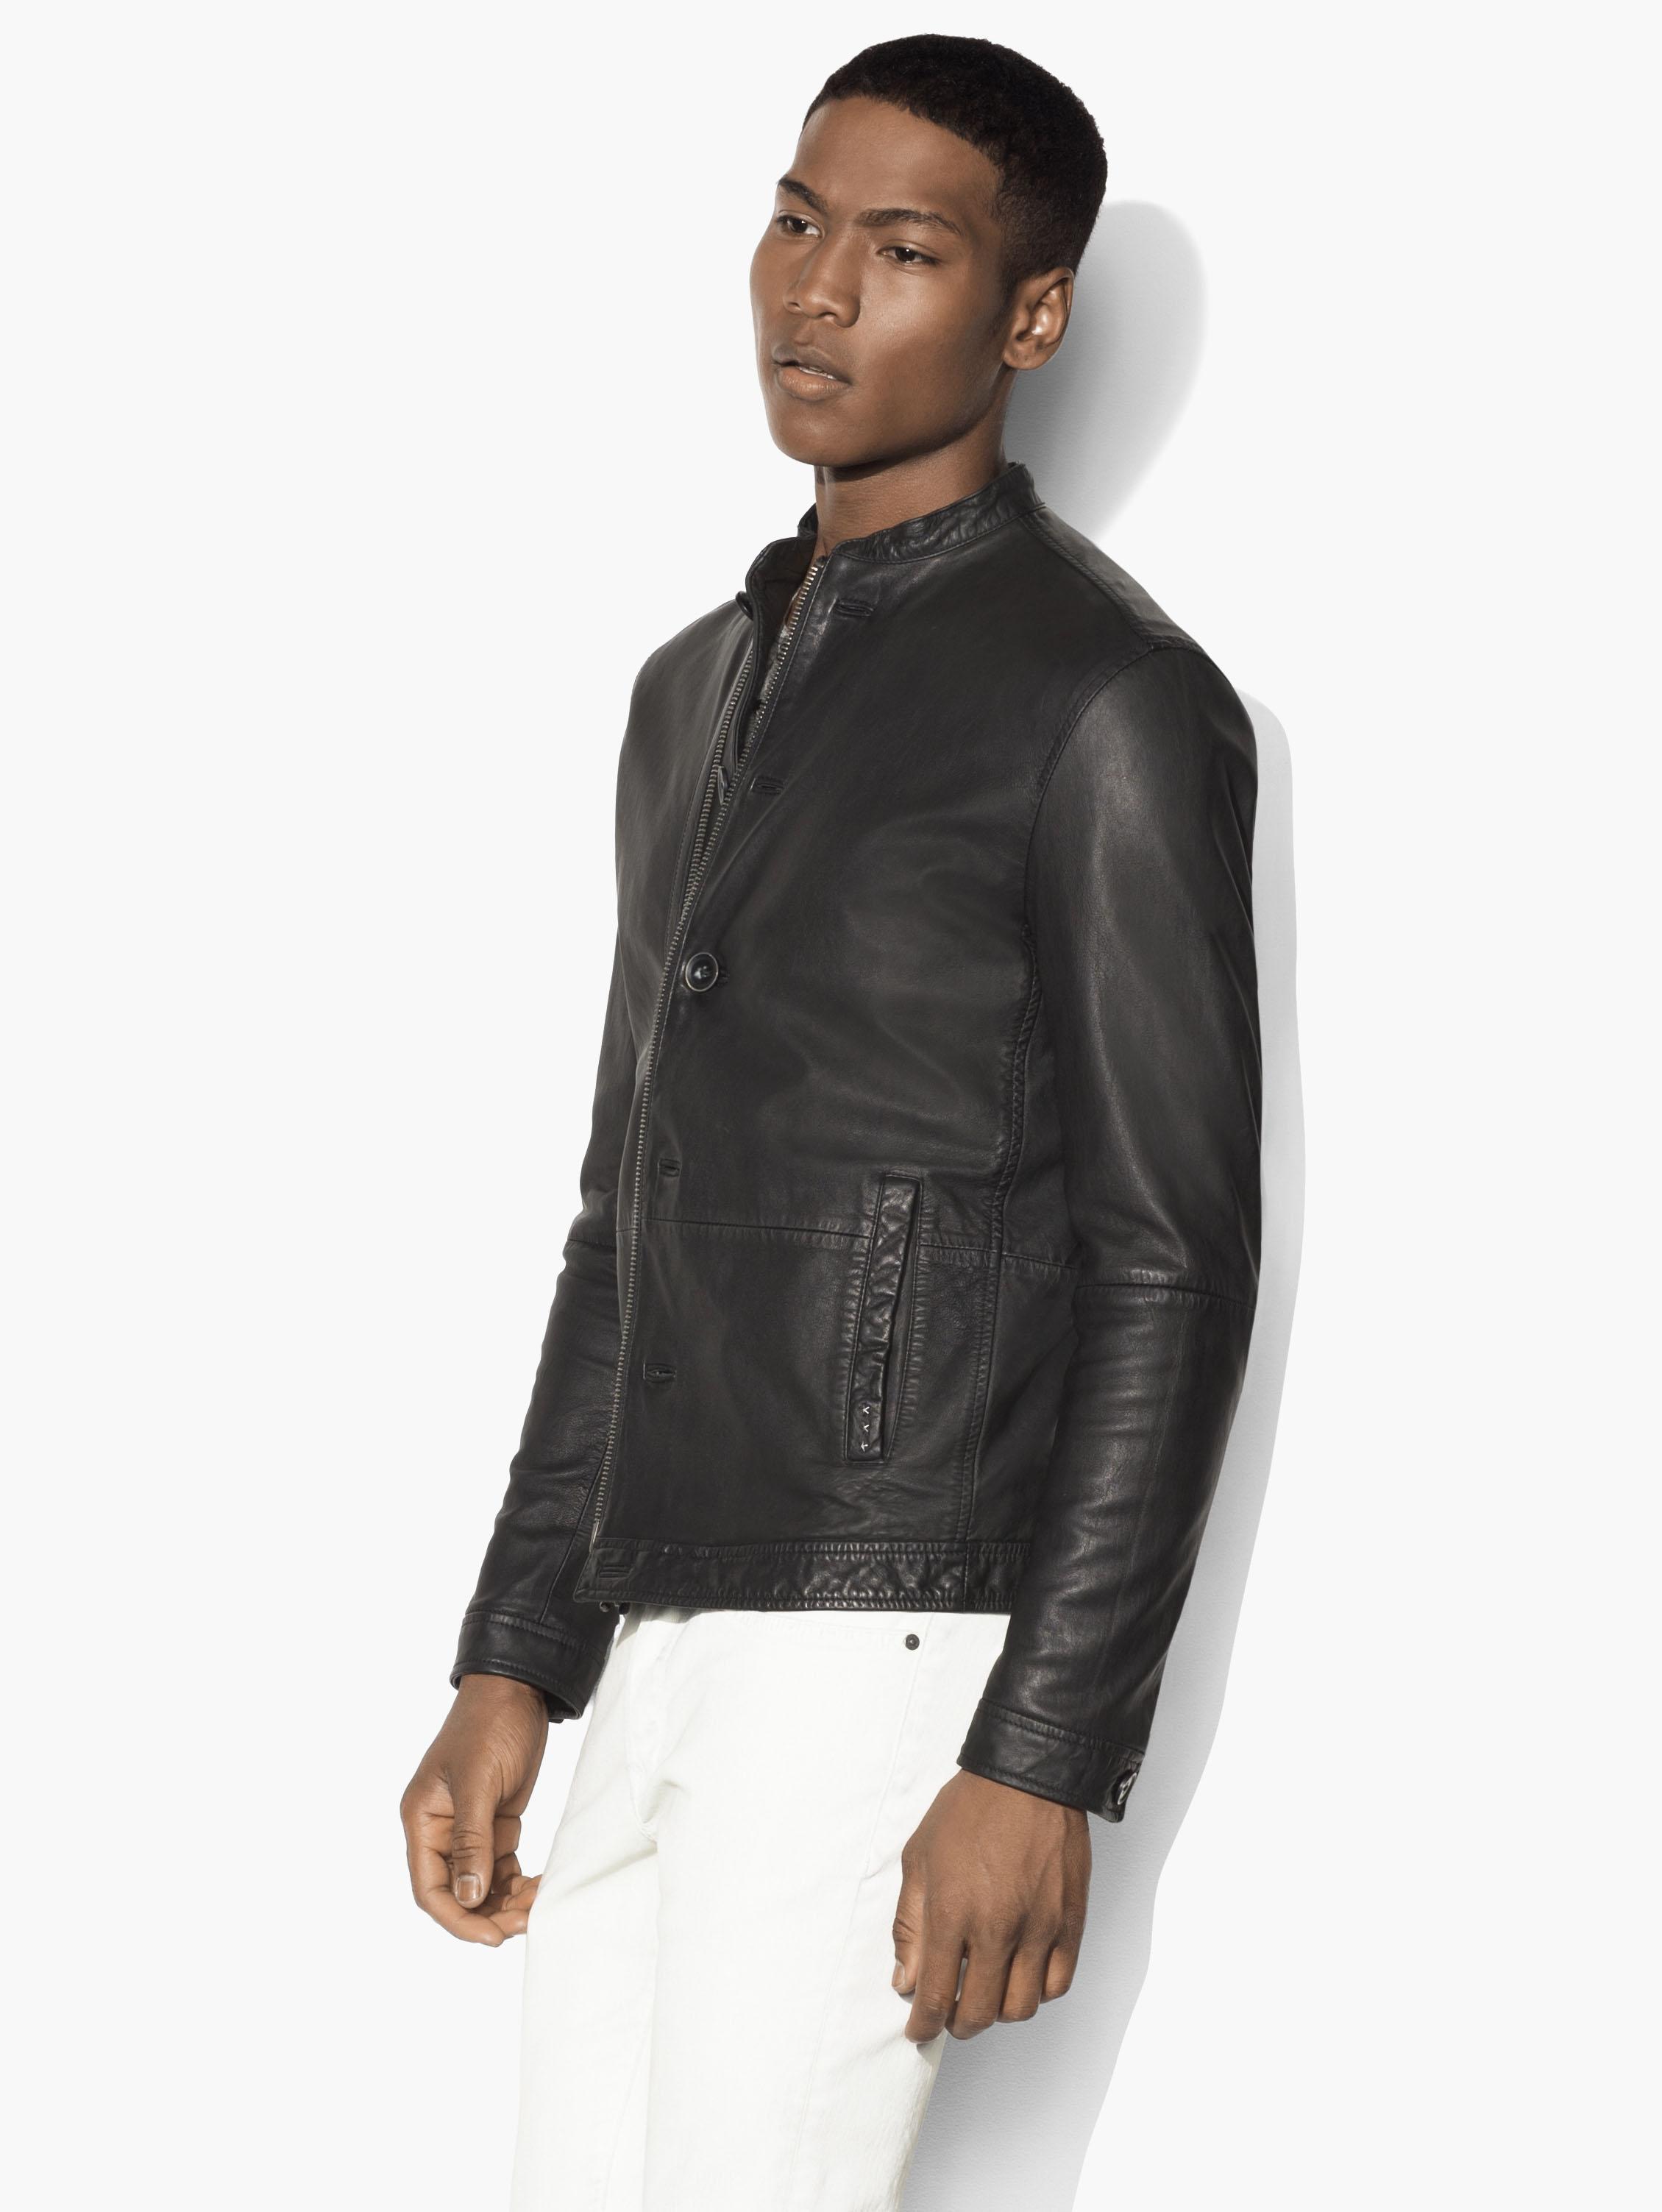 John Varvatos Black Leather Racer Jacket for Men